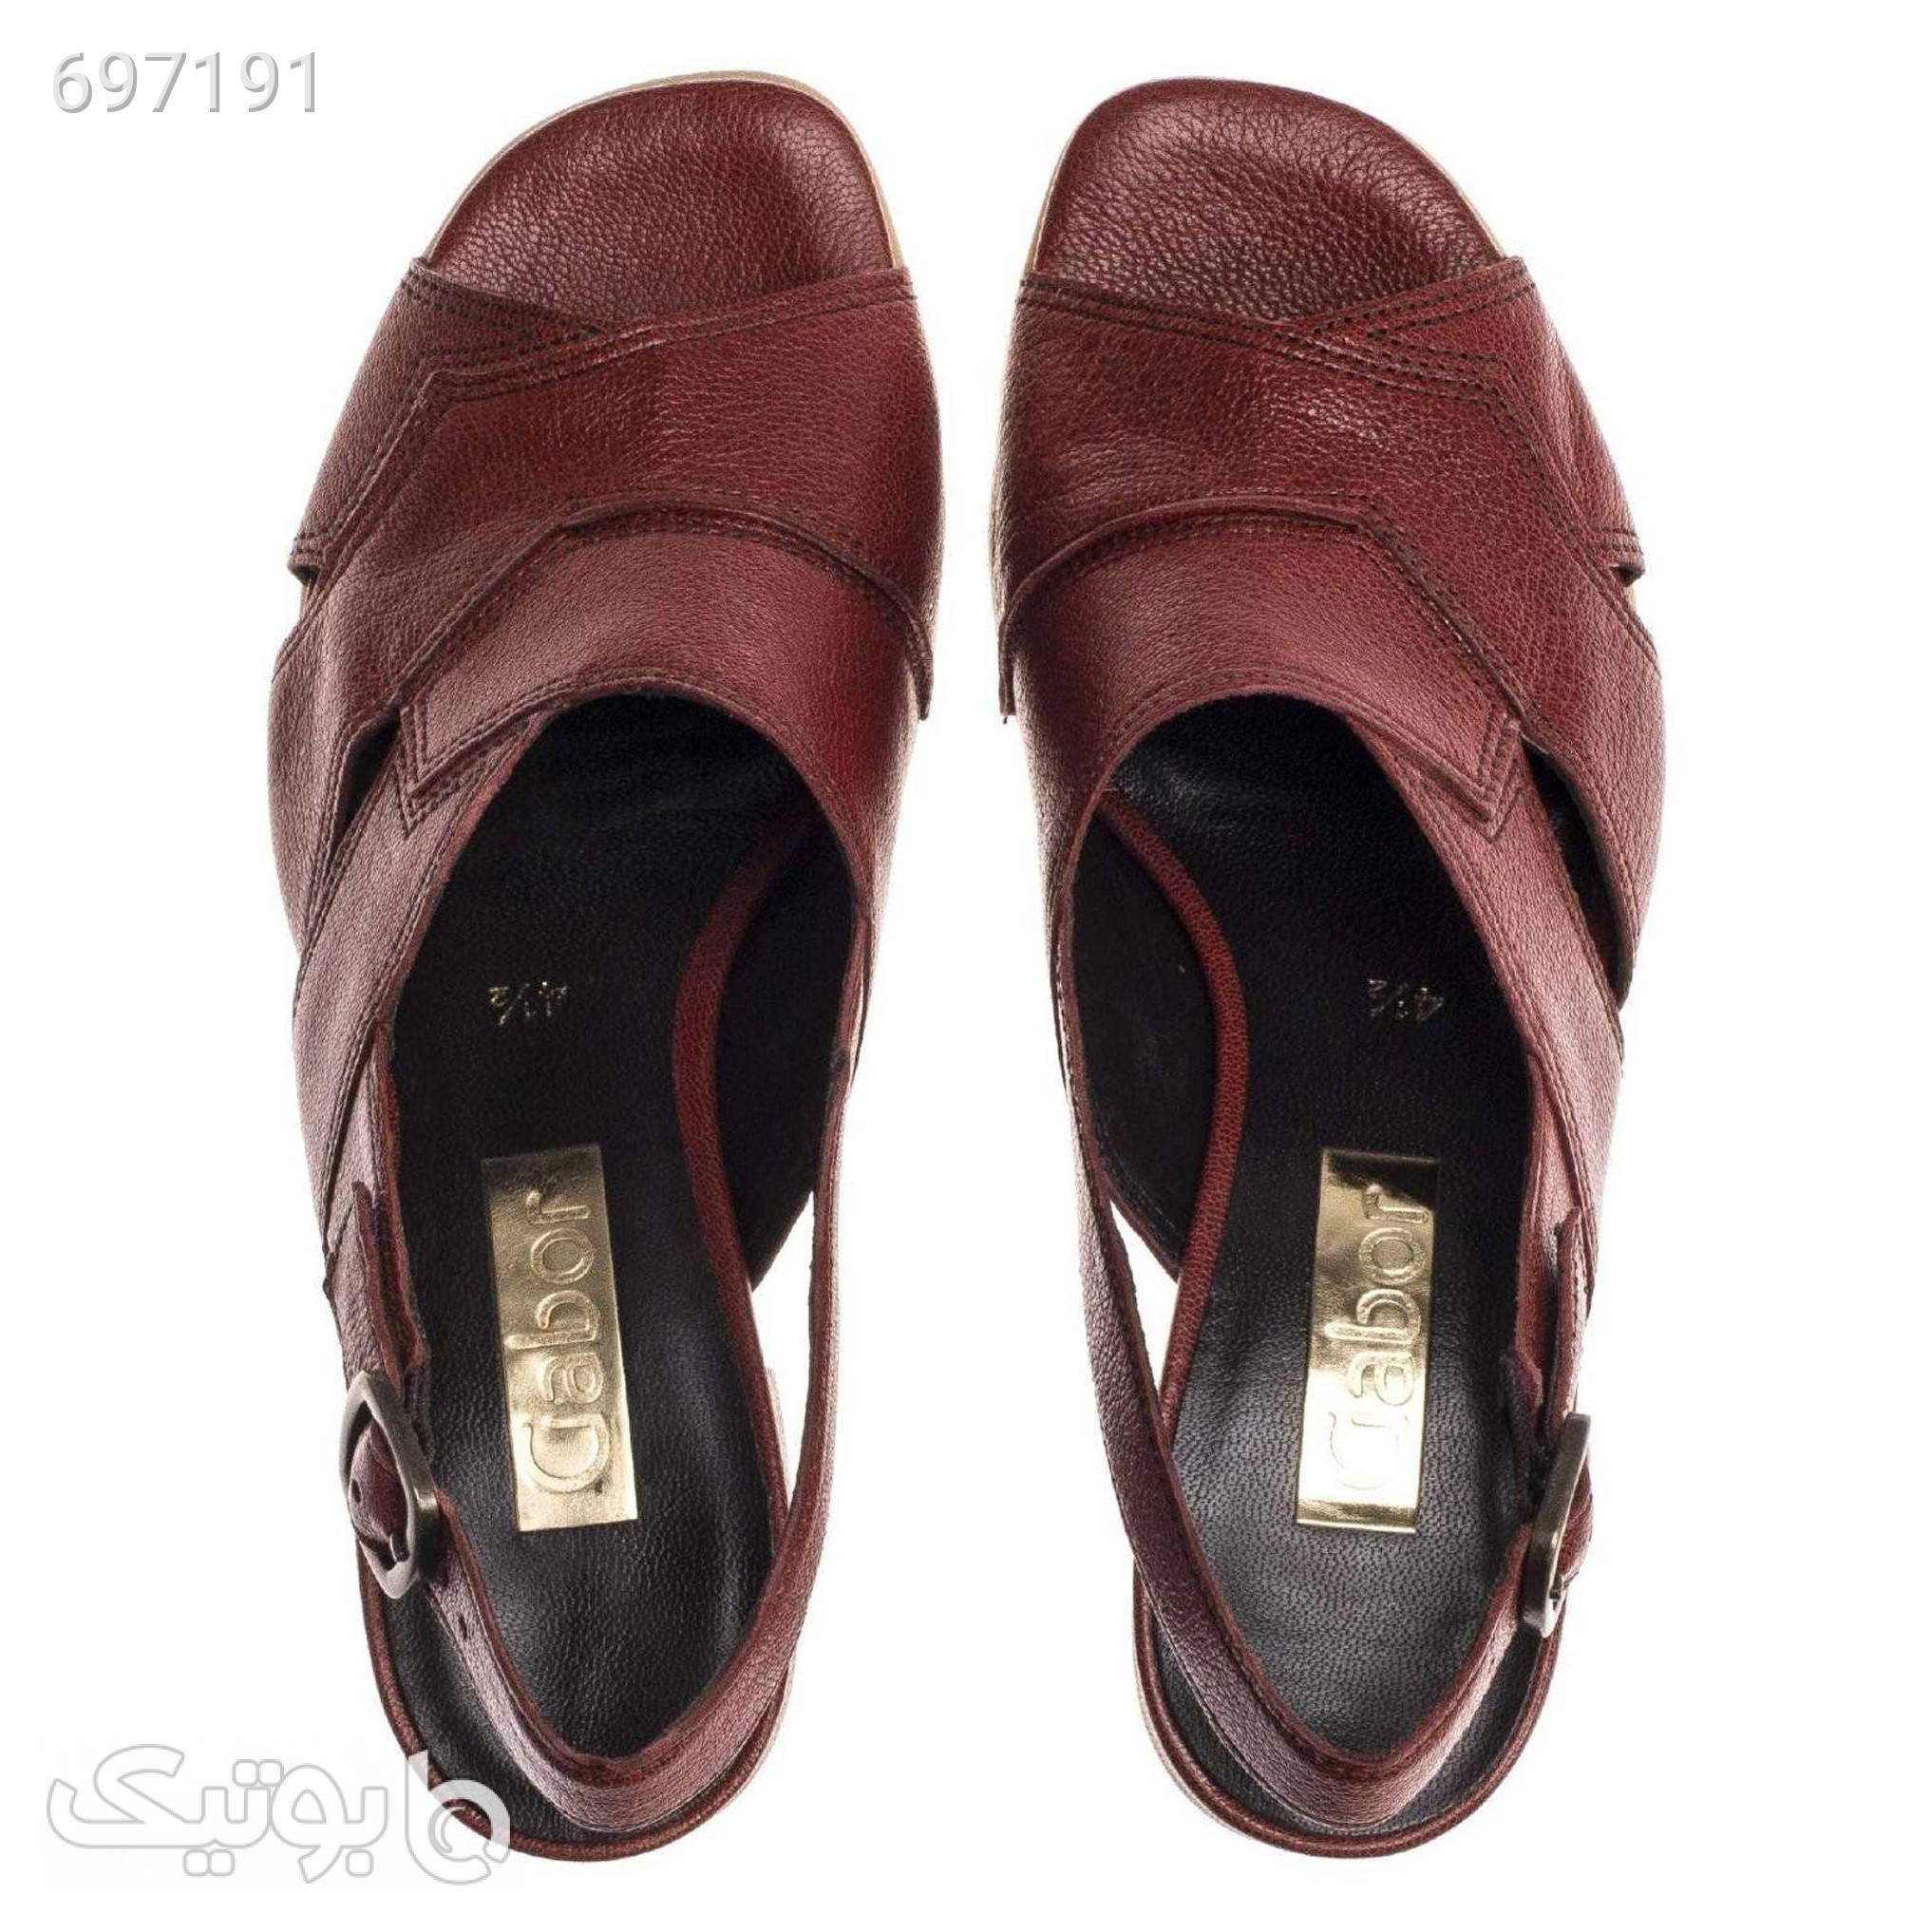 کفش زنانه گابور مدل 81.802.25 قهوه ای كفش پاشنه بلند زنانه